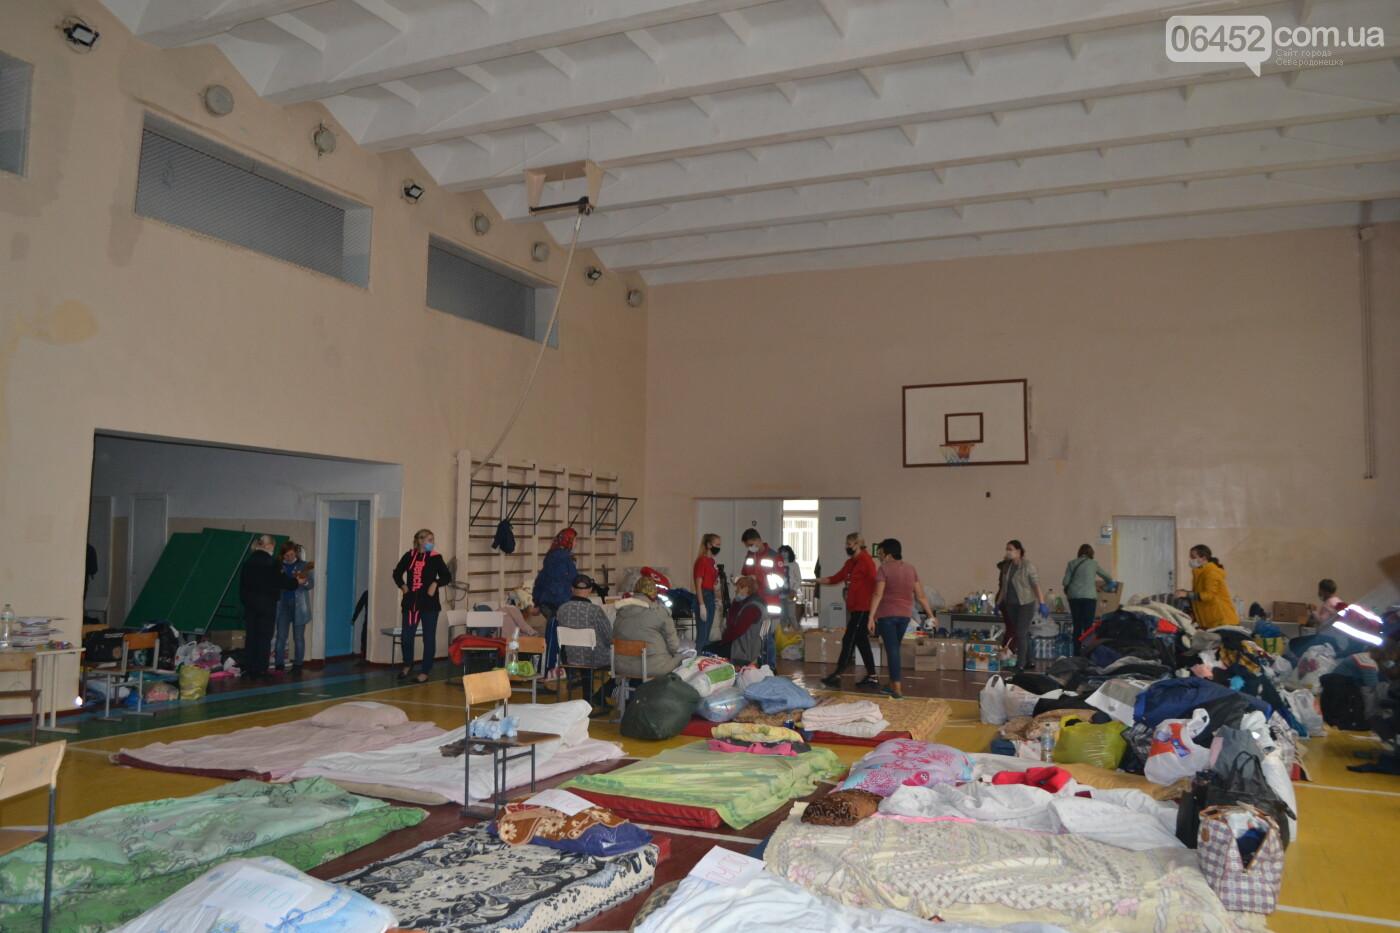 Продукты, средства гигиены и посуда: погорельцы Луганщины нуждаются в помощи, фото-14